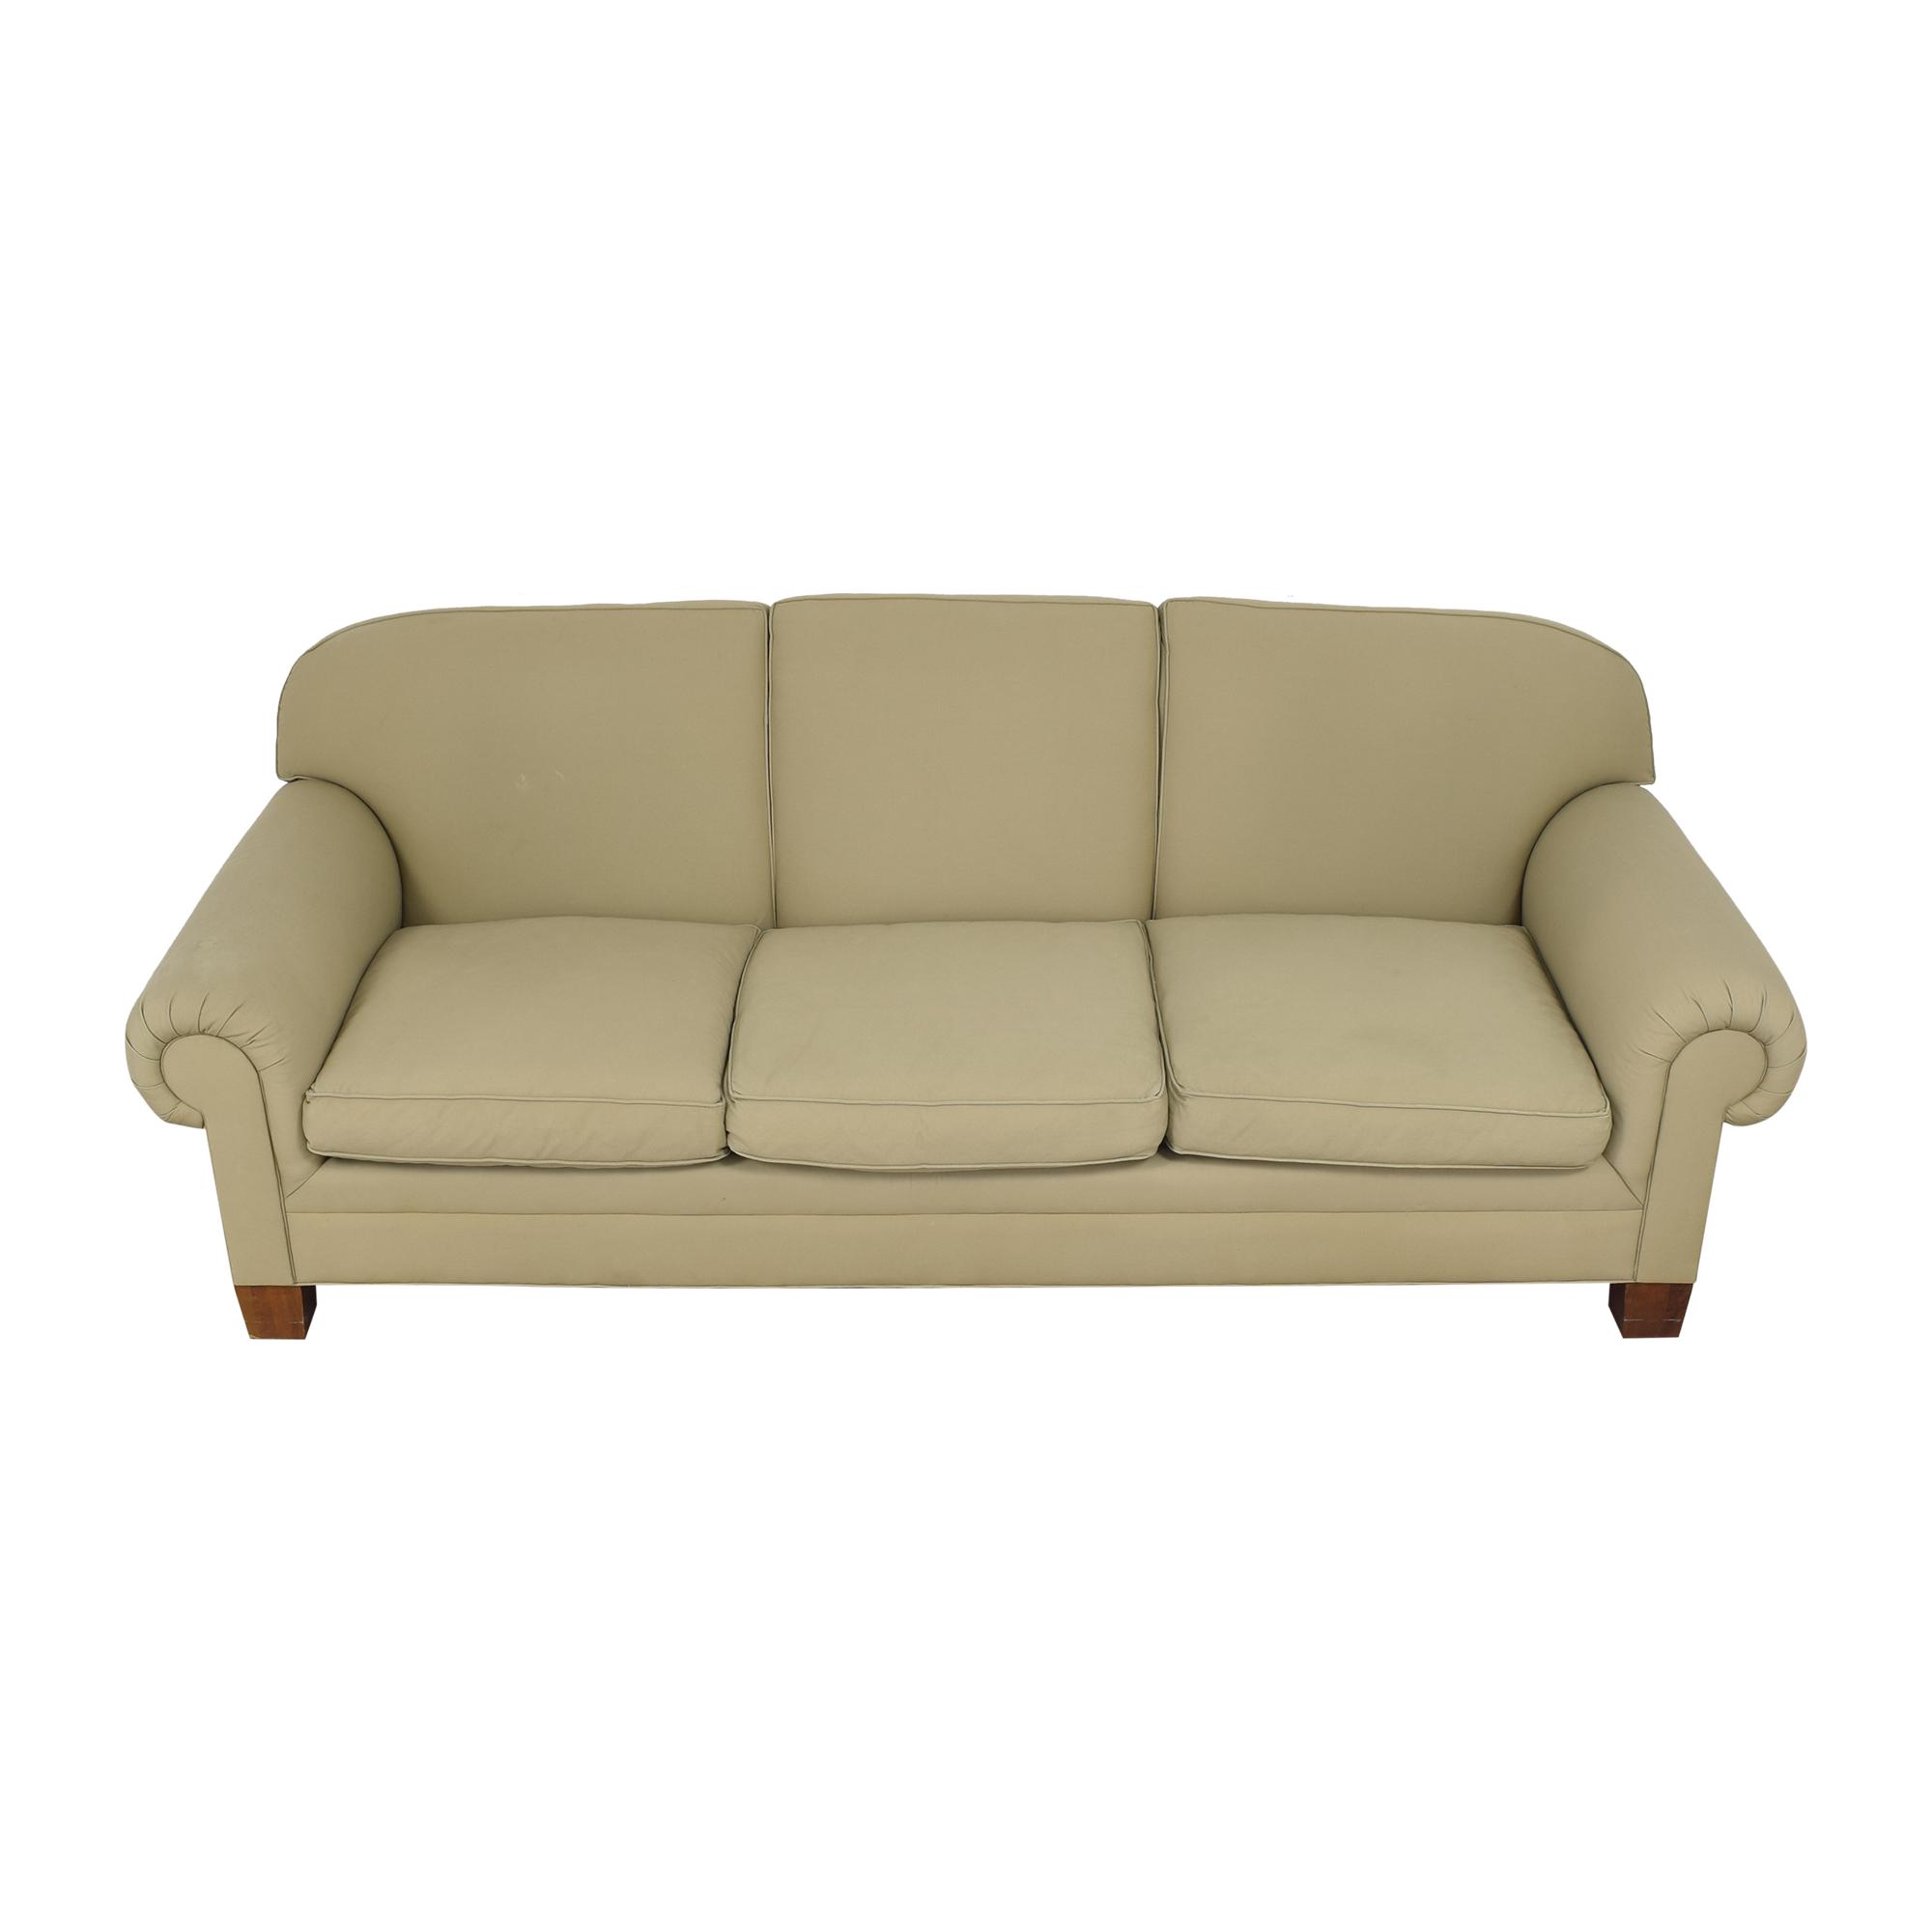 Ralph Lauren Home Ralph Lauren Roll Arm Sofa nj